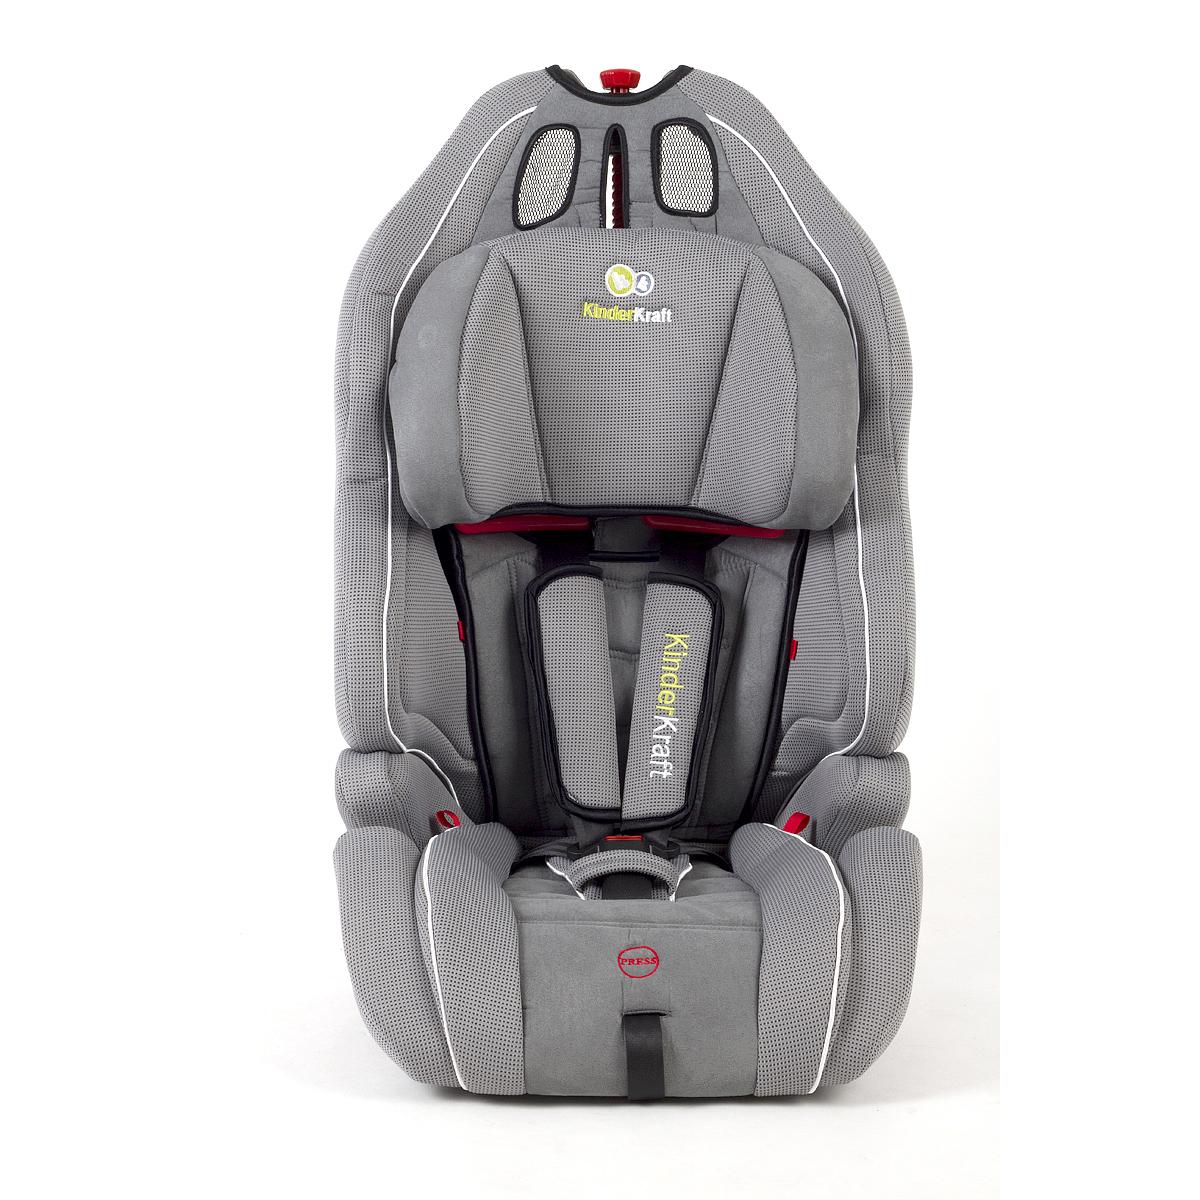 autositz 9 36 kg kindersitz gruppe 1 2 3 eu norm 9 36kg kinder smart grau ebay. Black Bedroom Furniture Sets. Home Design Ideas